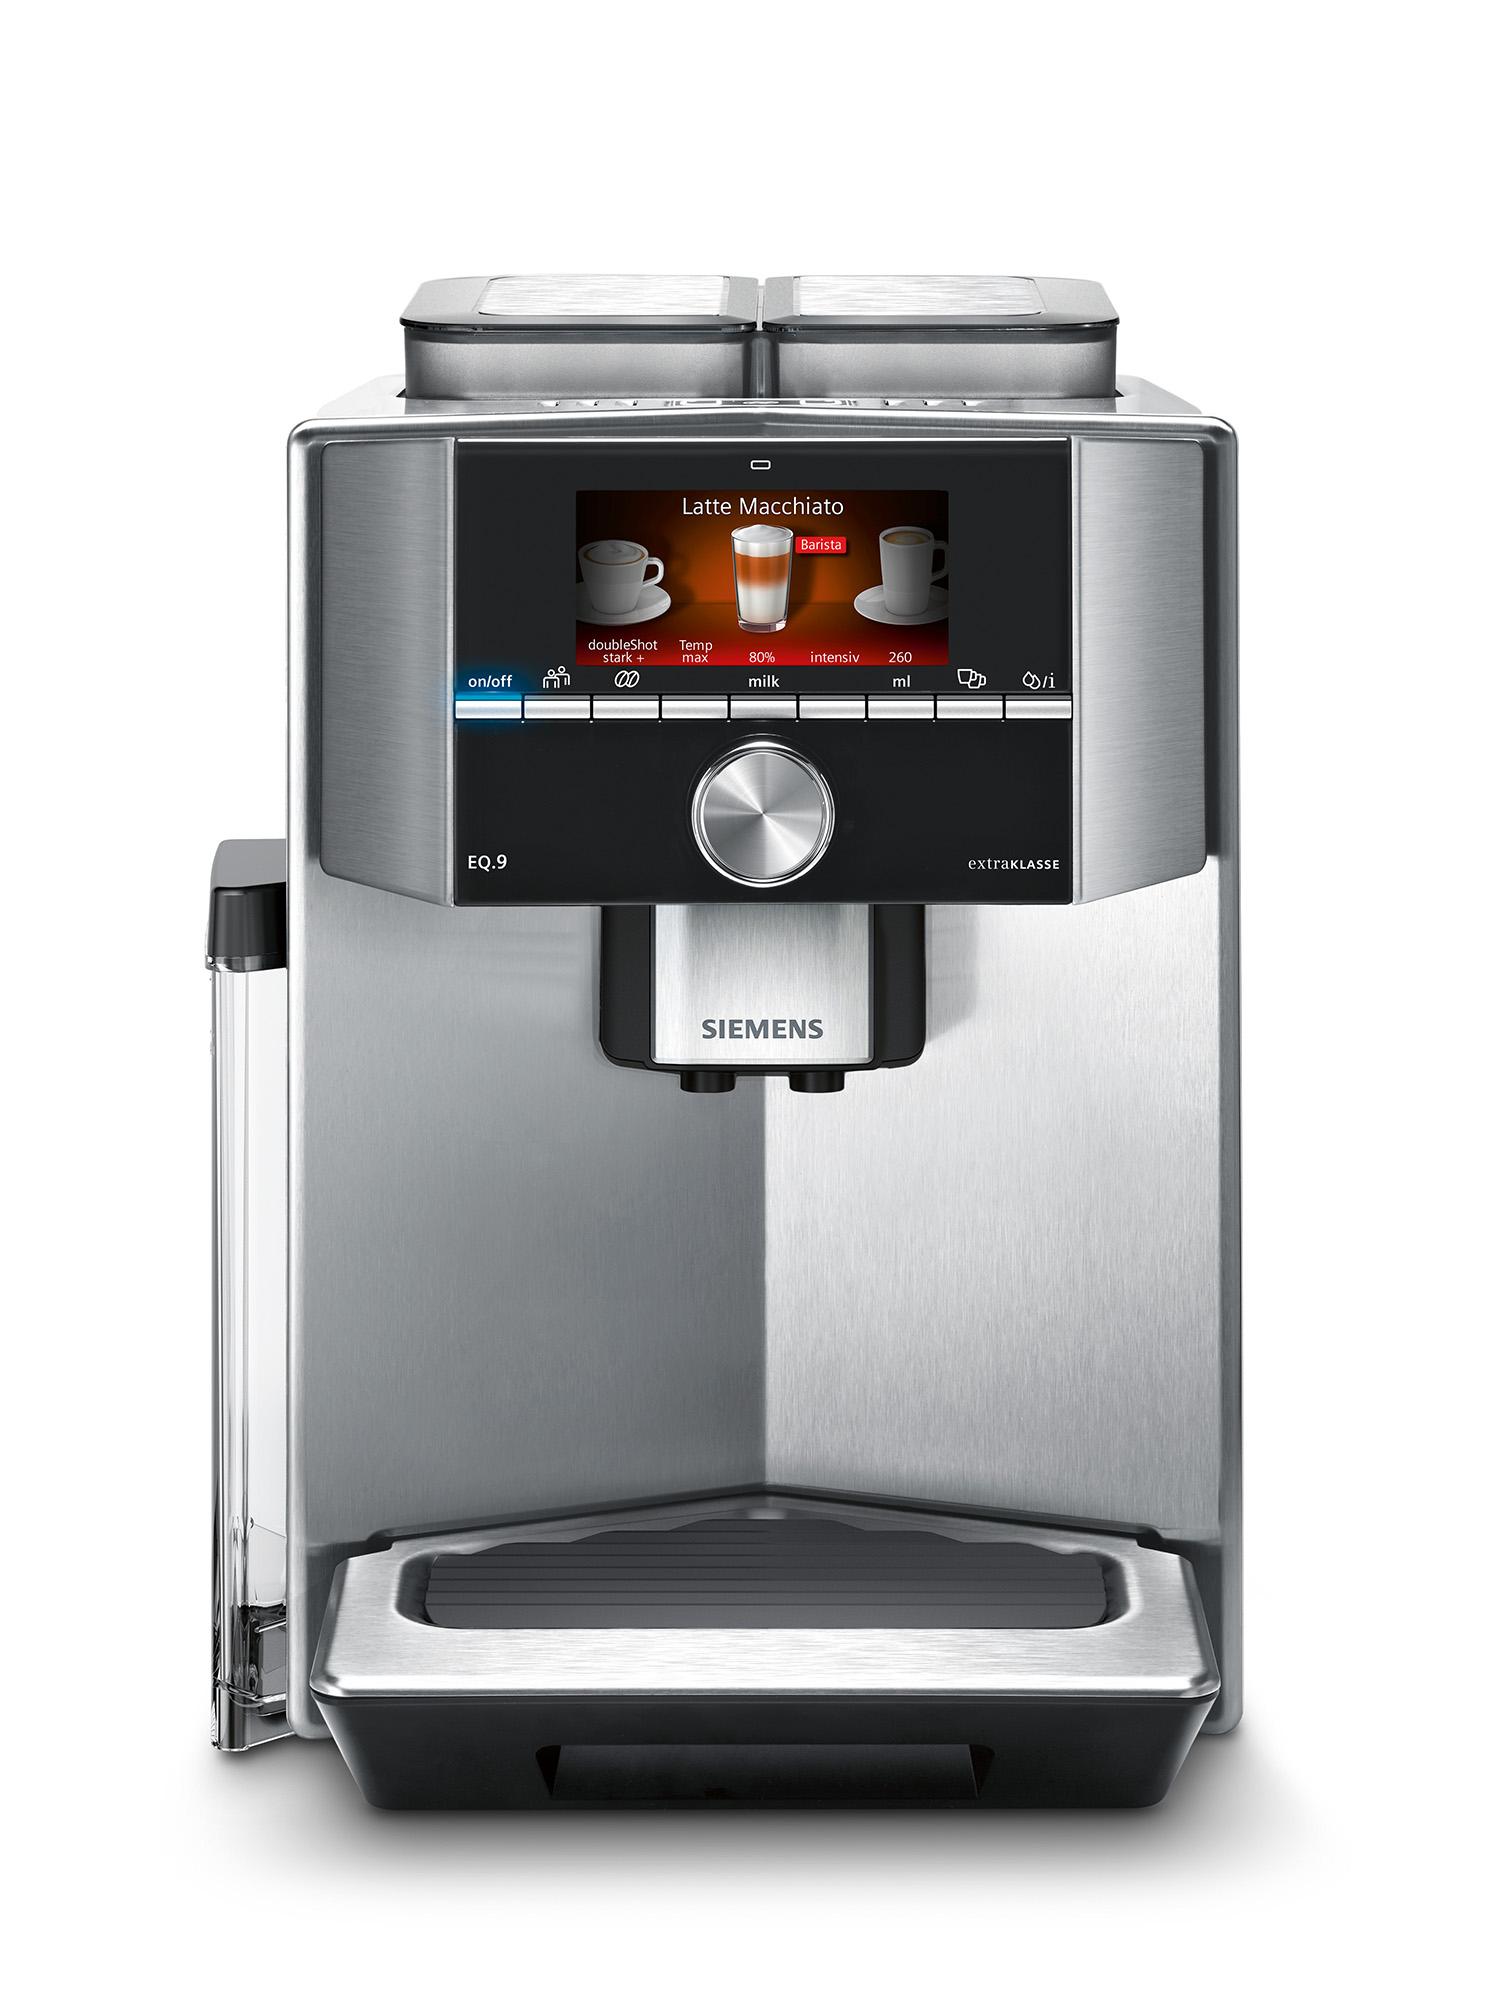 kaffeevollautomaten noch mehr genuss auf knopfdruck. Black Bedroom Furniture Sets. Home Design Ideas